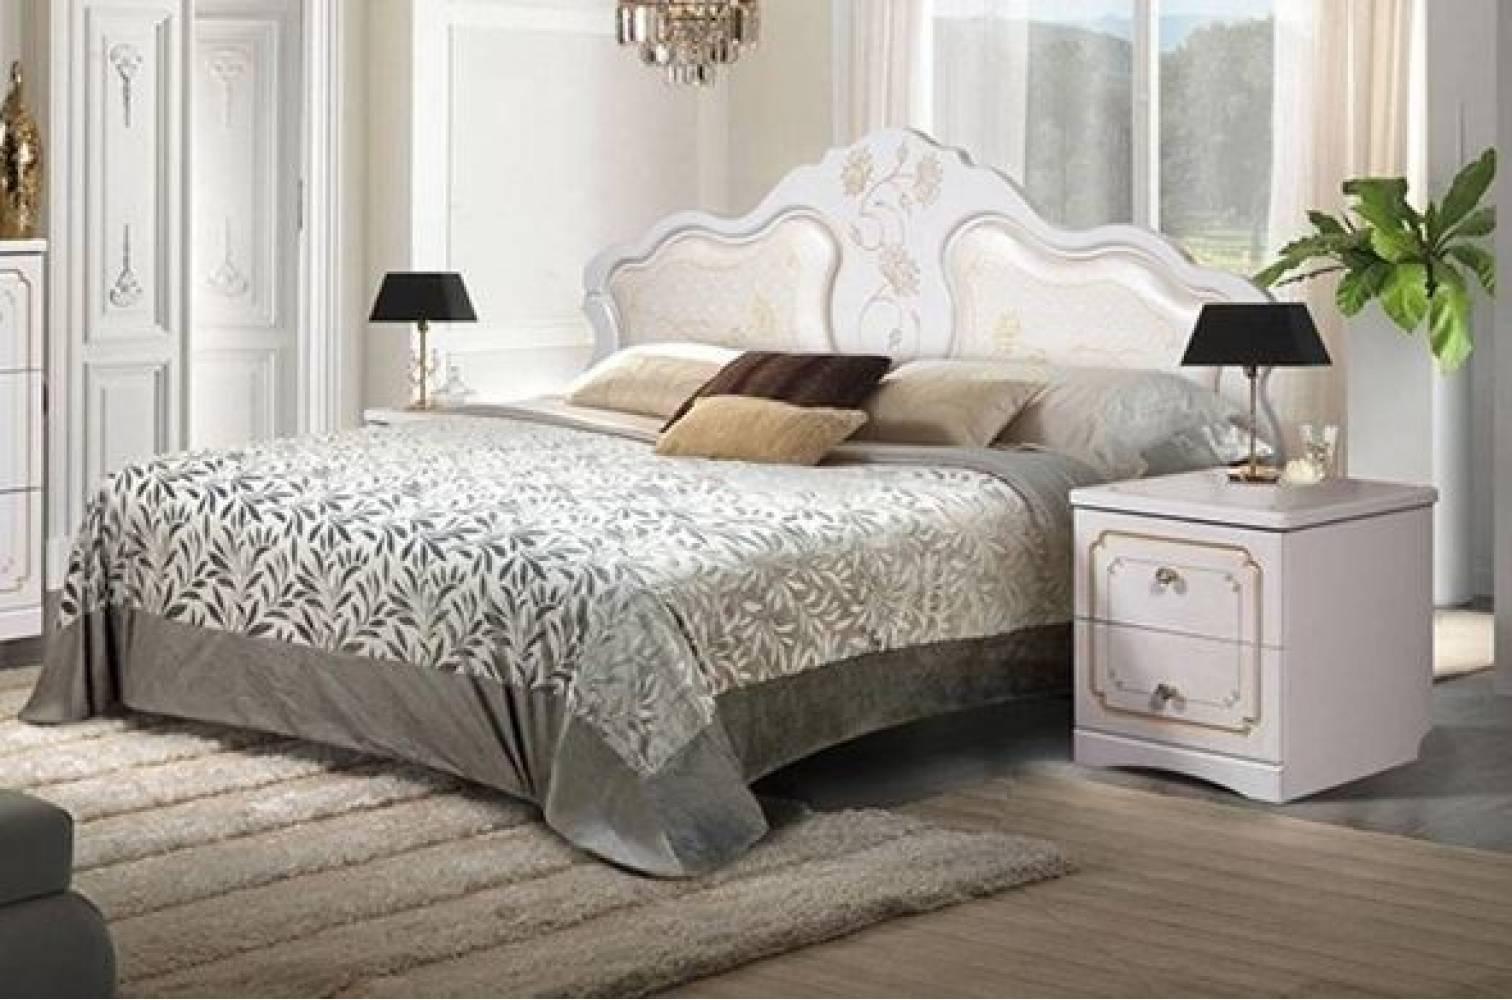 Кровать 1600 Мелани 1 (с мягким элементом) КМК 0434.6-01